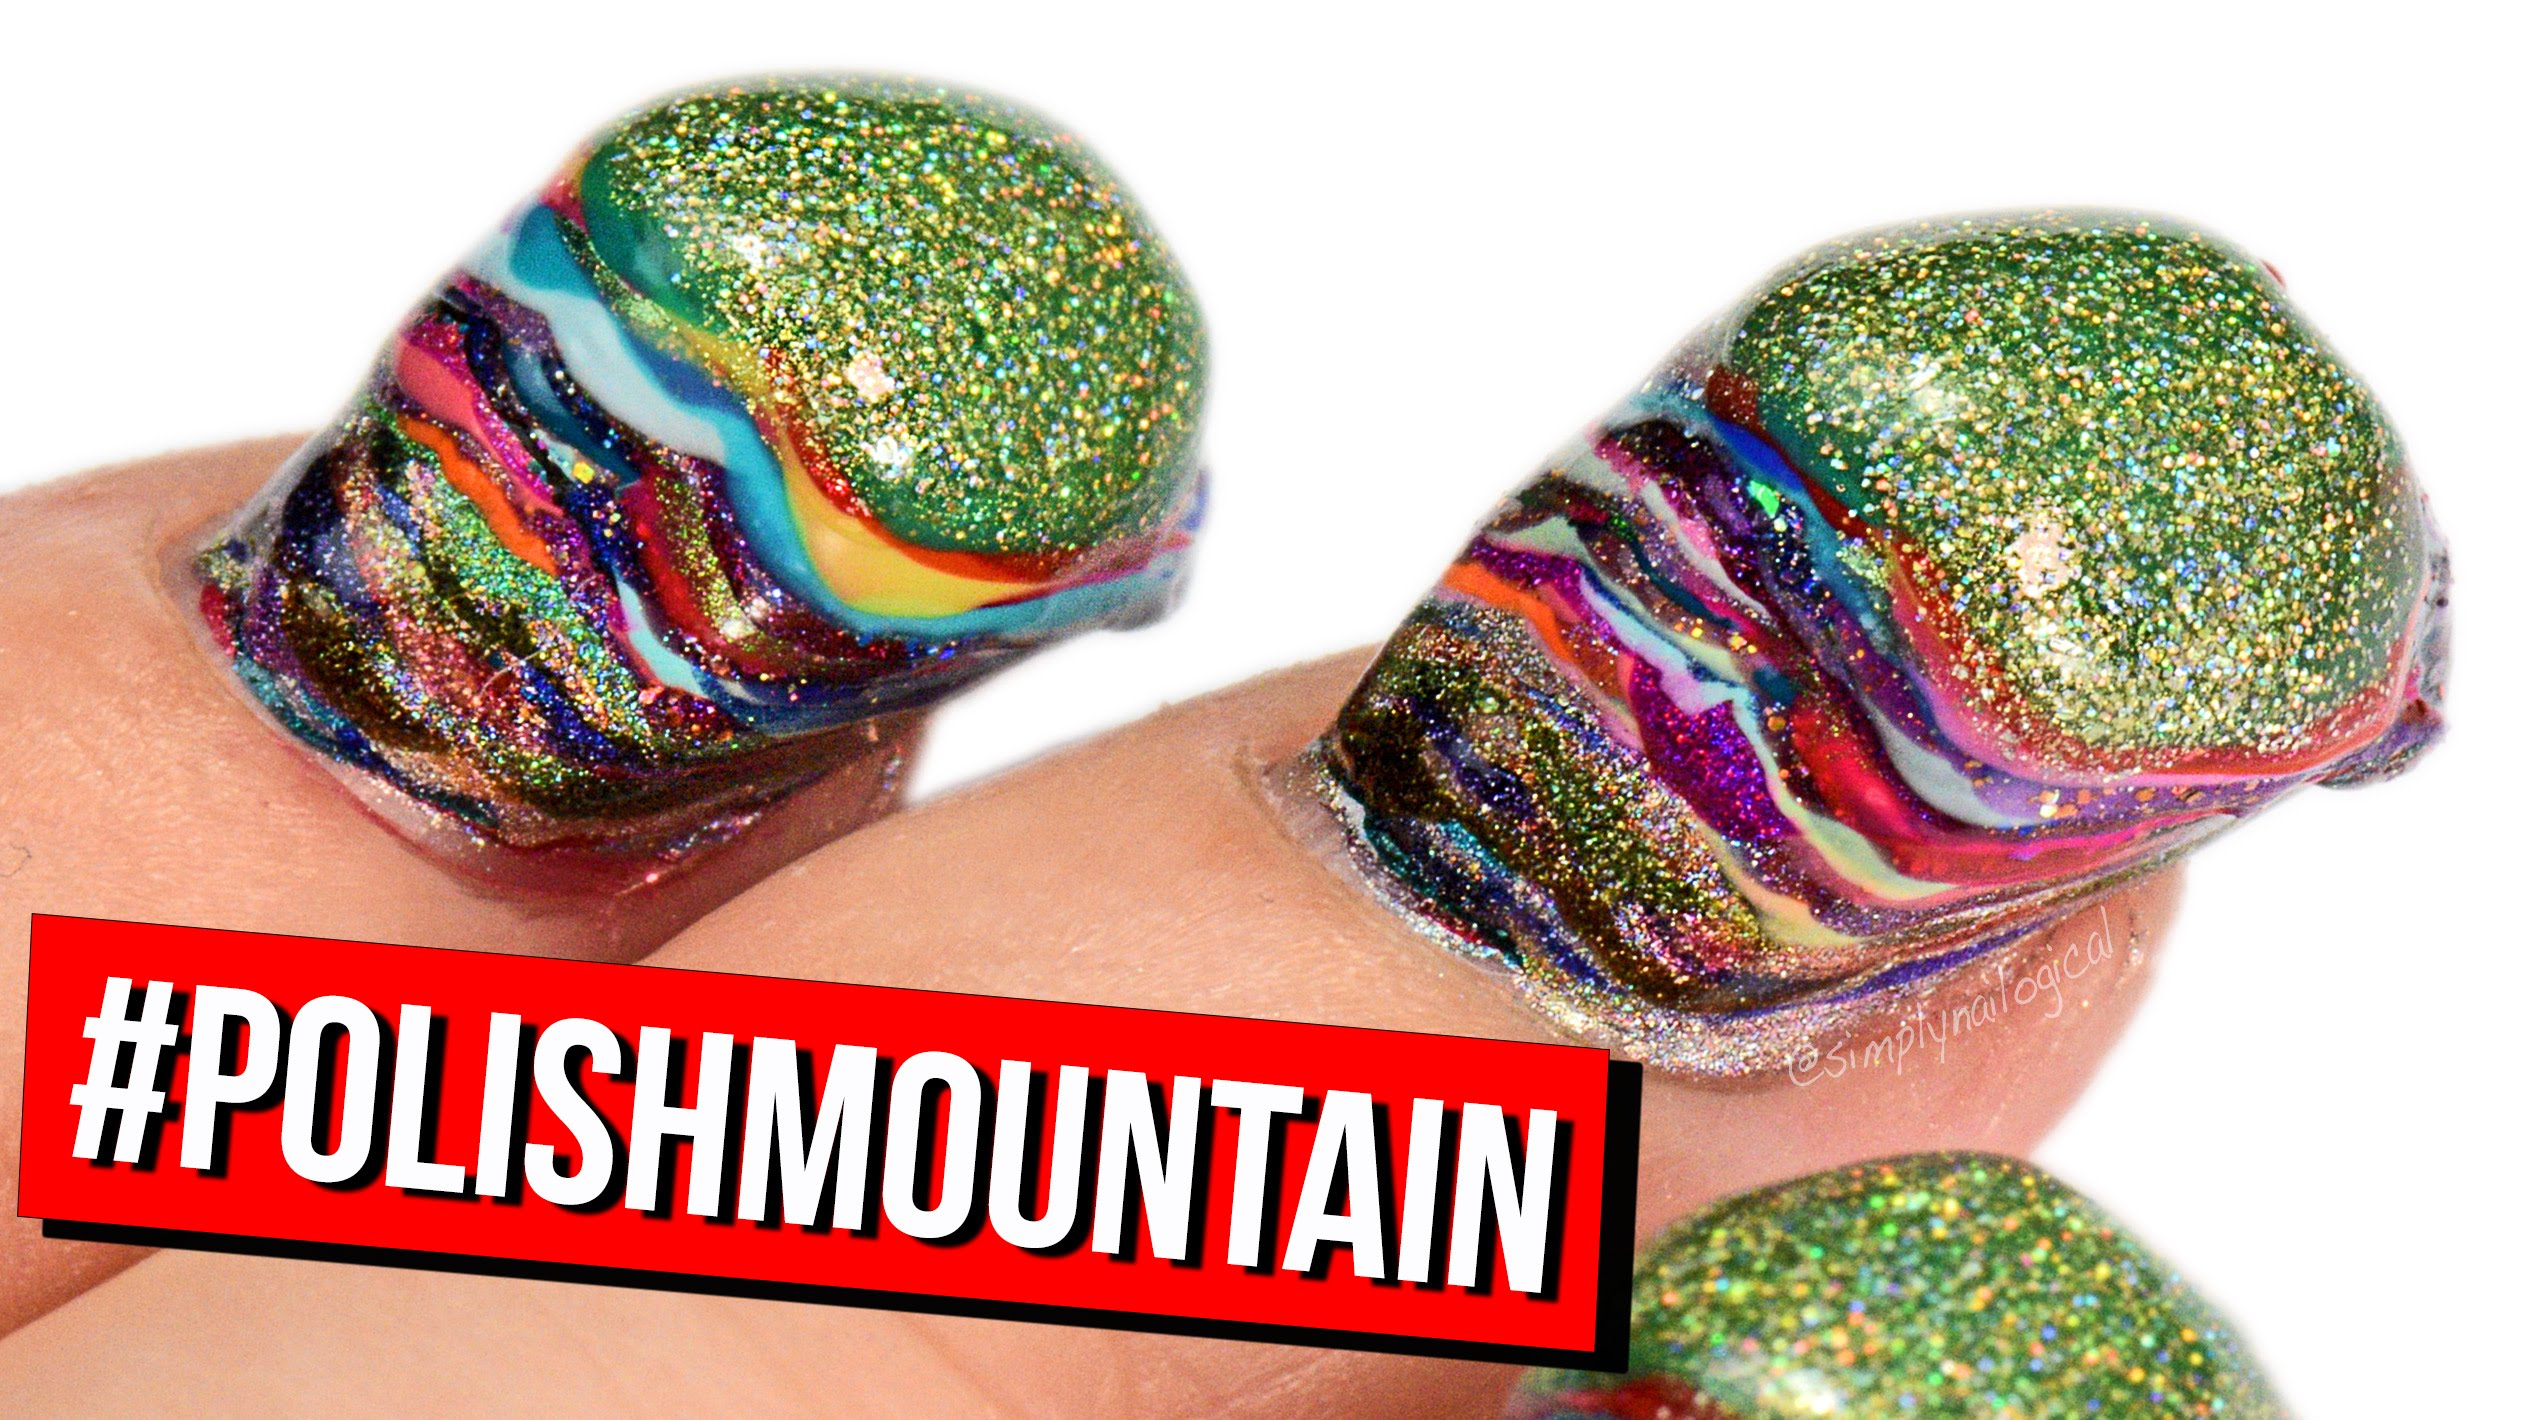 polish mountain (2)